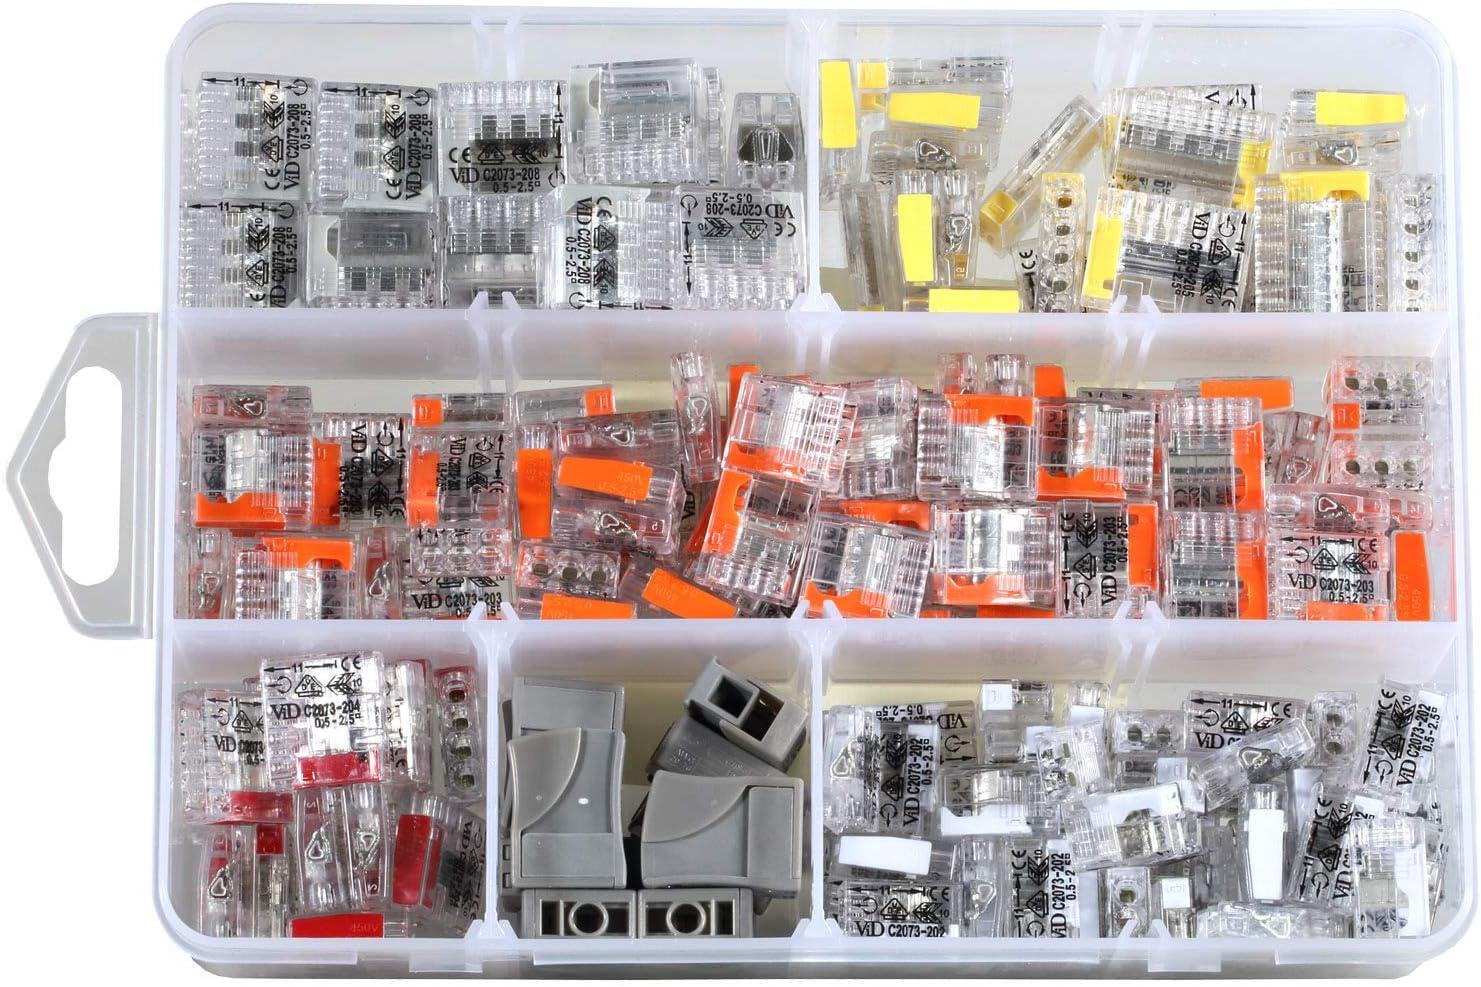 Steckklemmen Sortiment 200 teilig Verbindungsklemme inkl praktischem Sortimentskasten